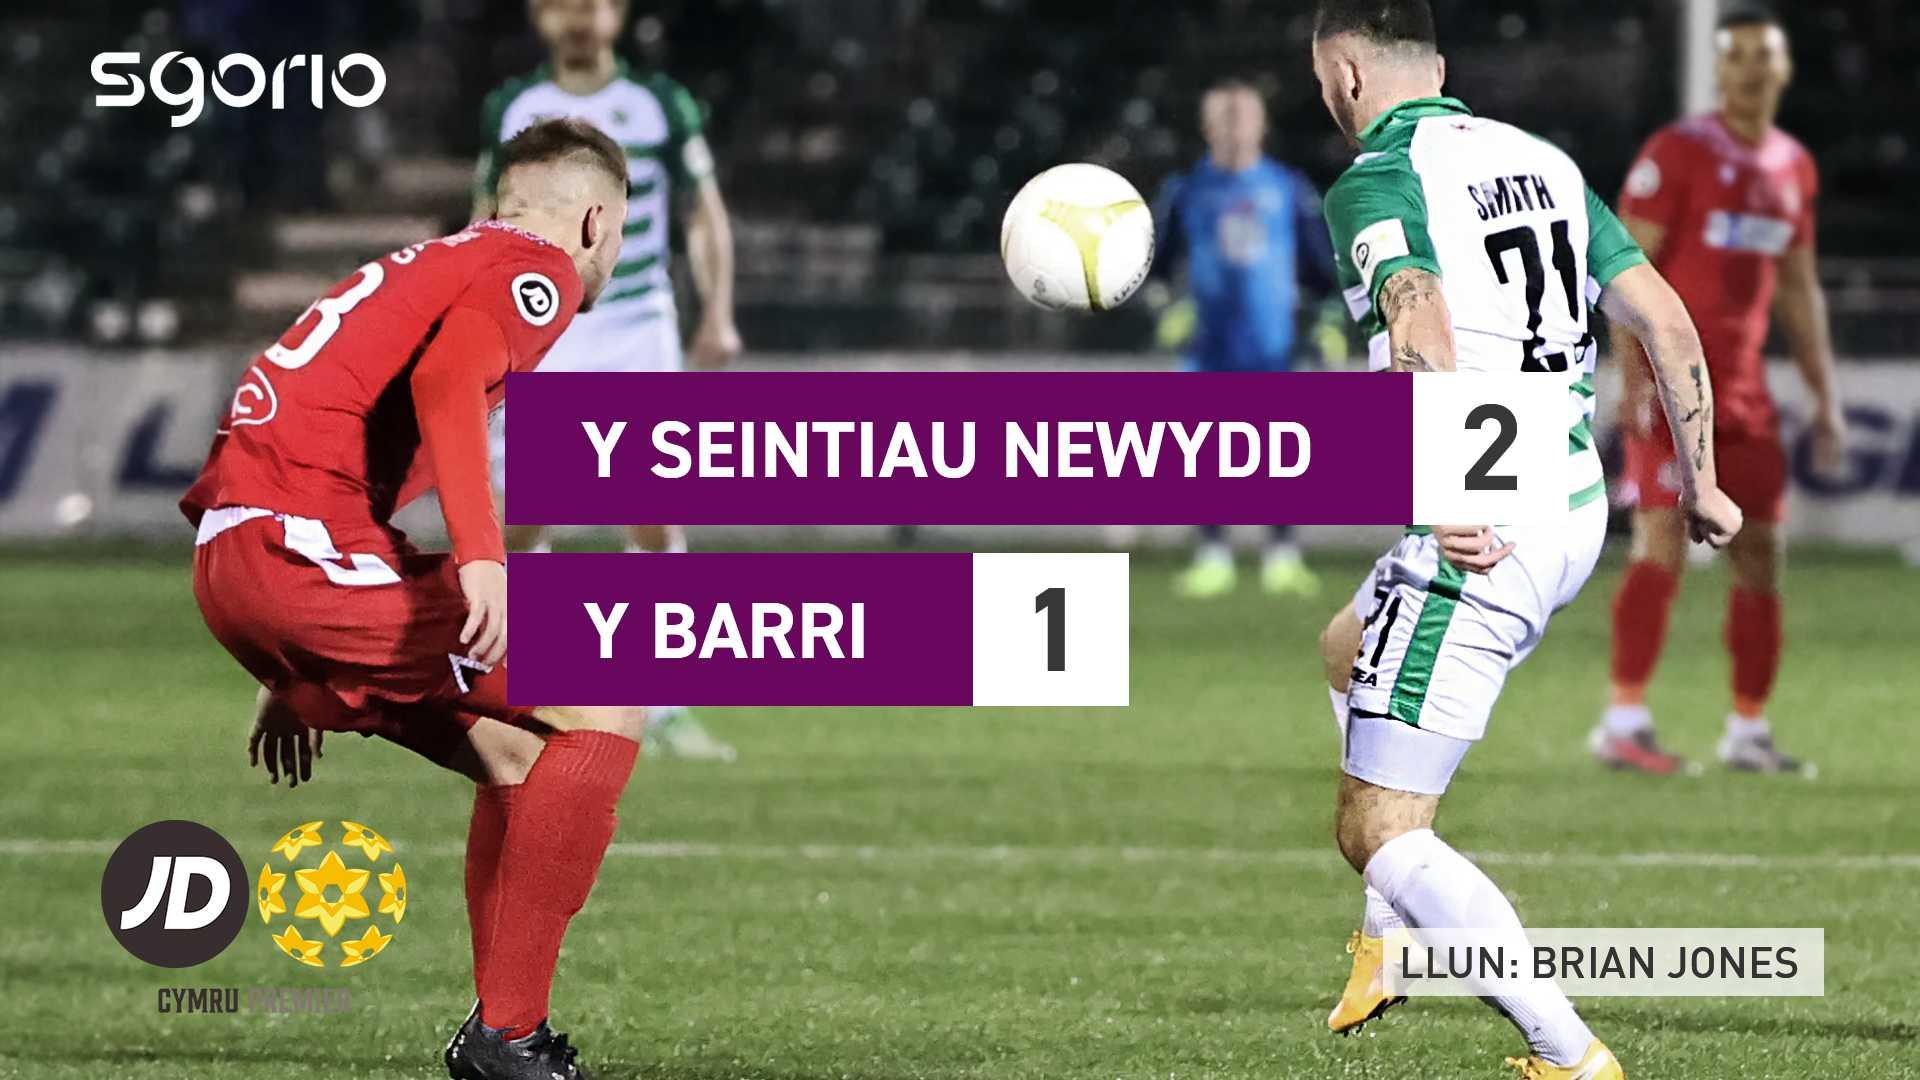 Y Seintiau Newydd 2-1 Y Barri